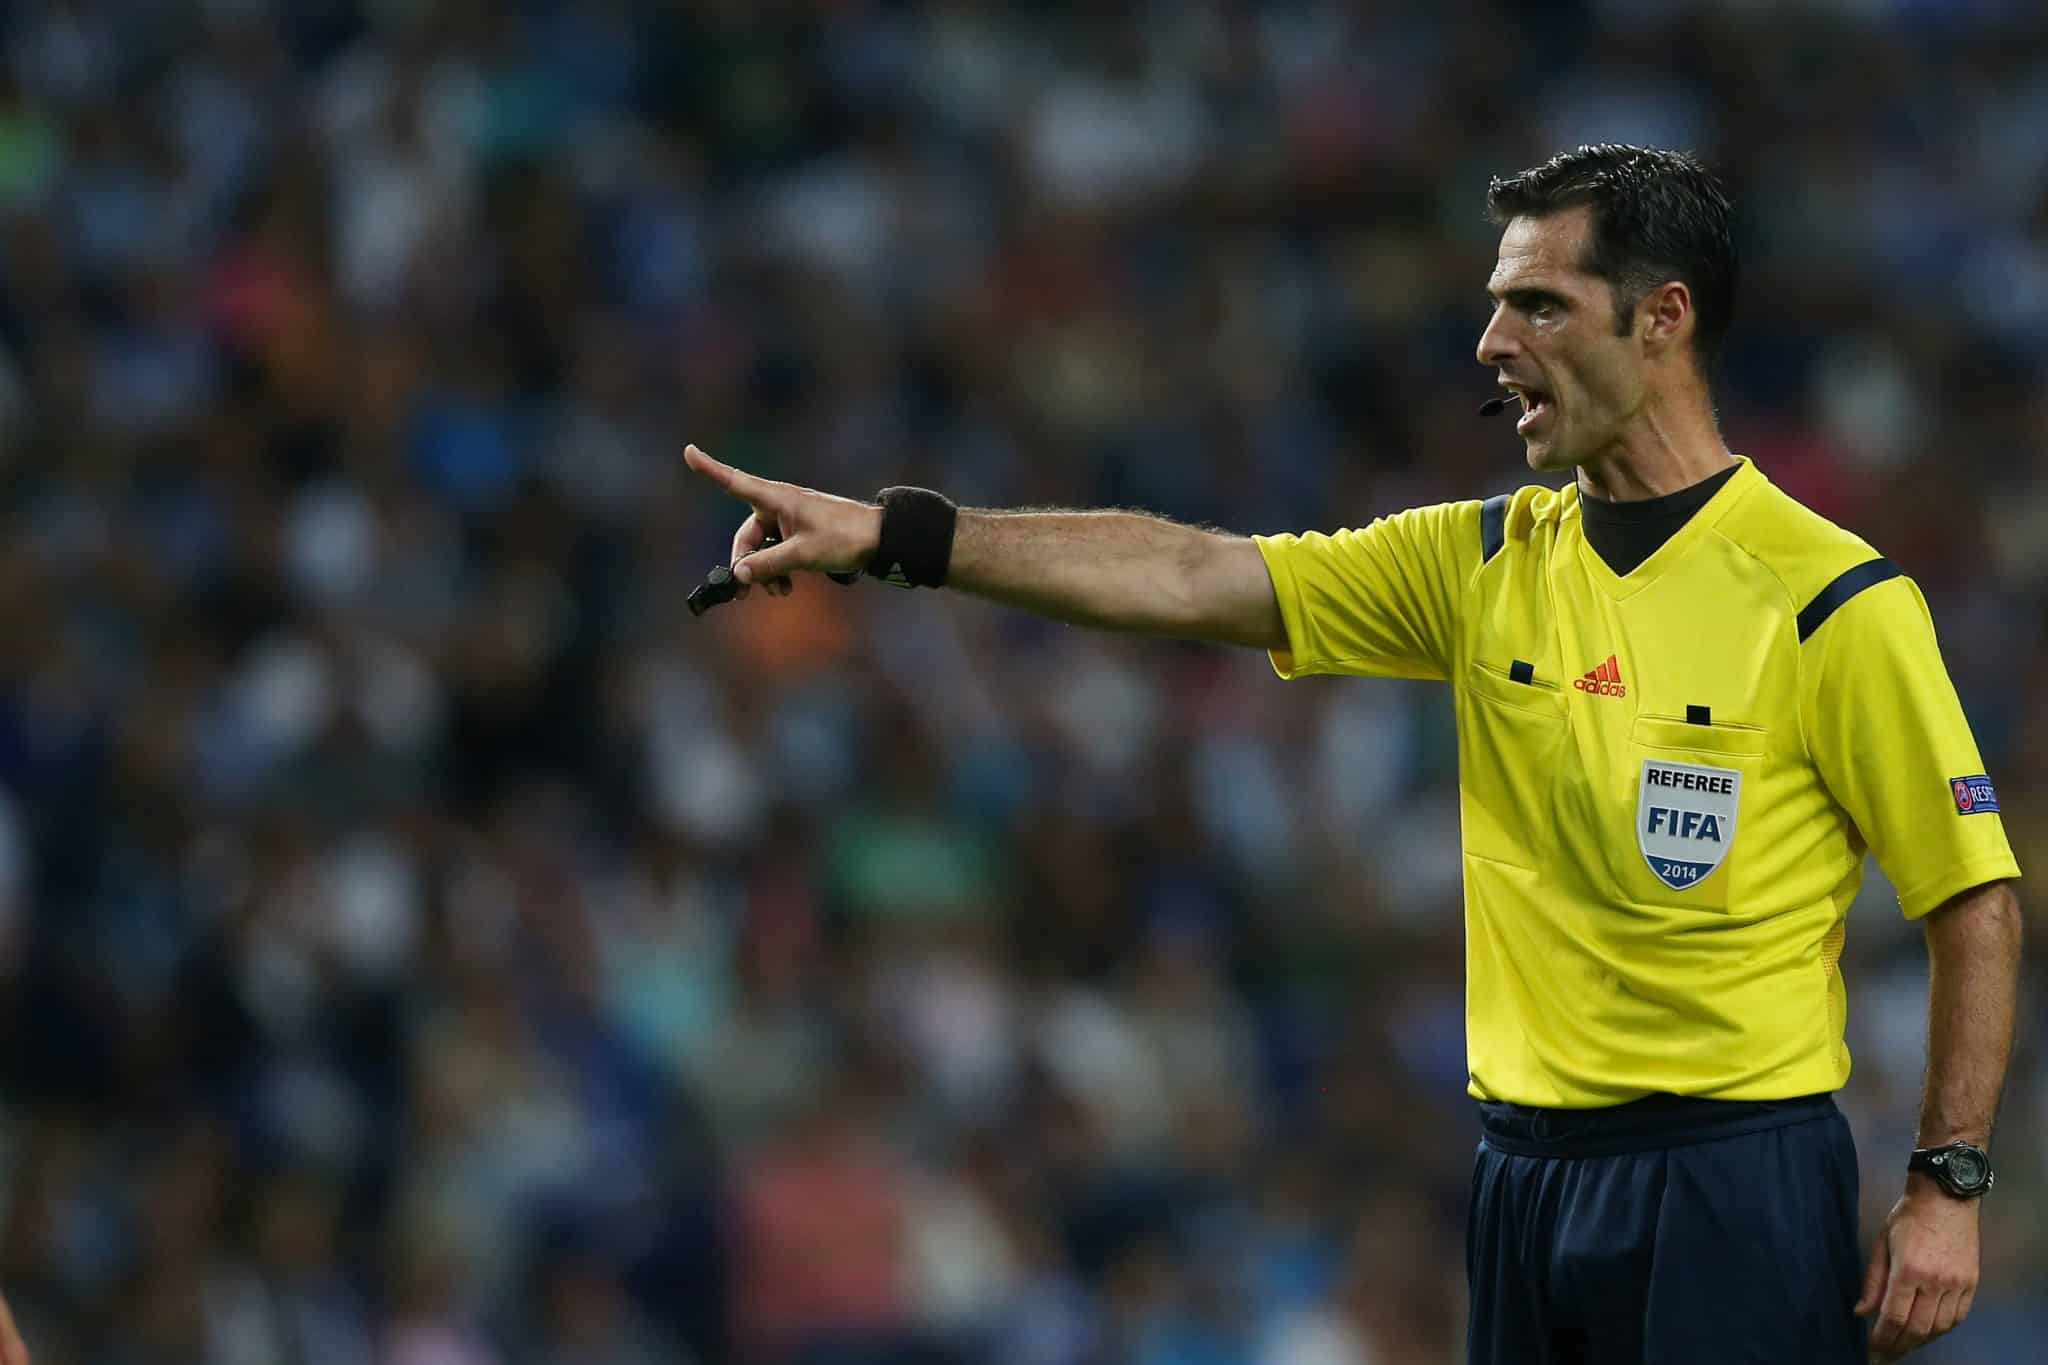 Sporting oferece a camisolinha ao árbitro no clássico